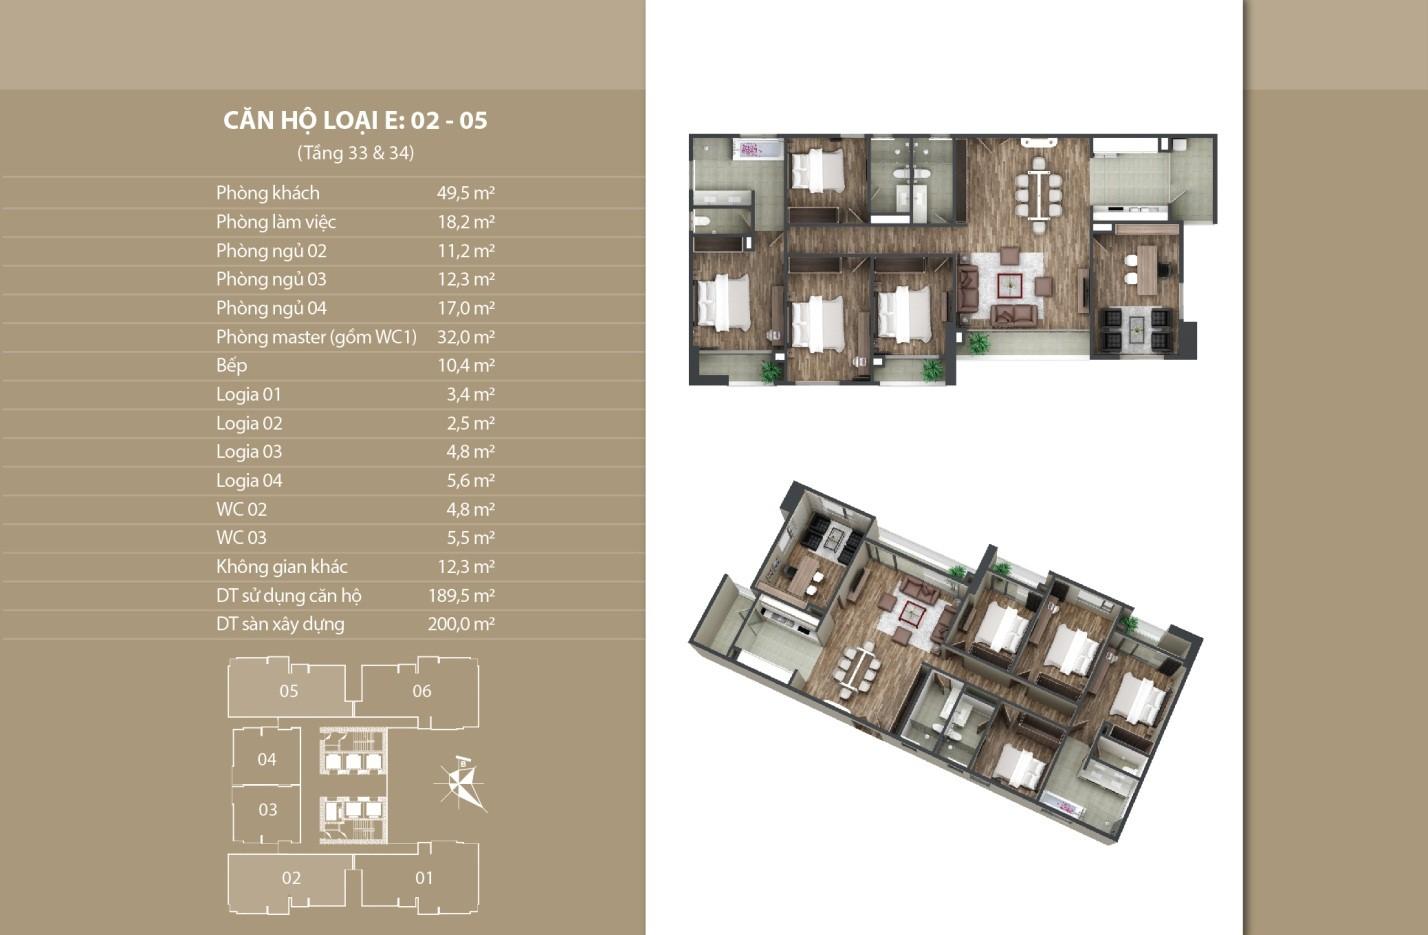 Thiết kế căn hộ 02 - 05 tầng 33 vs 34